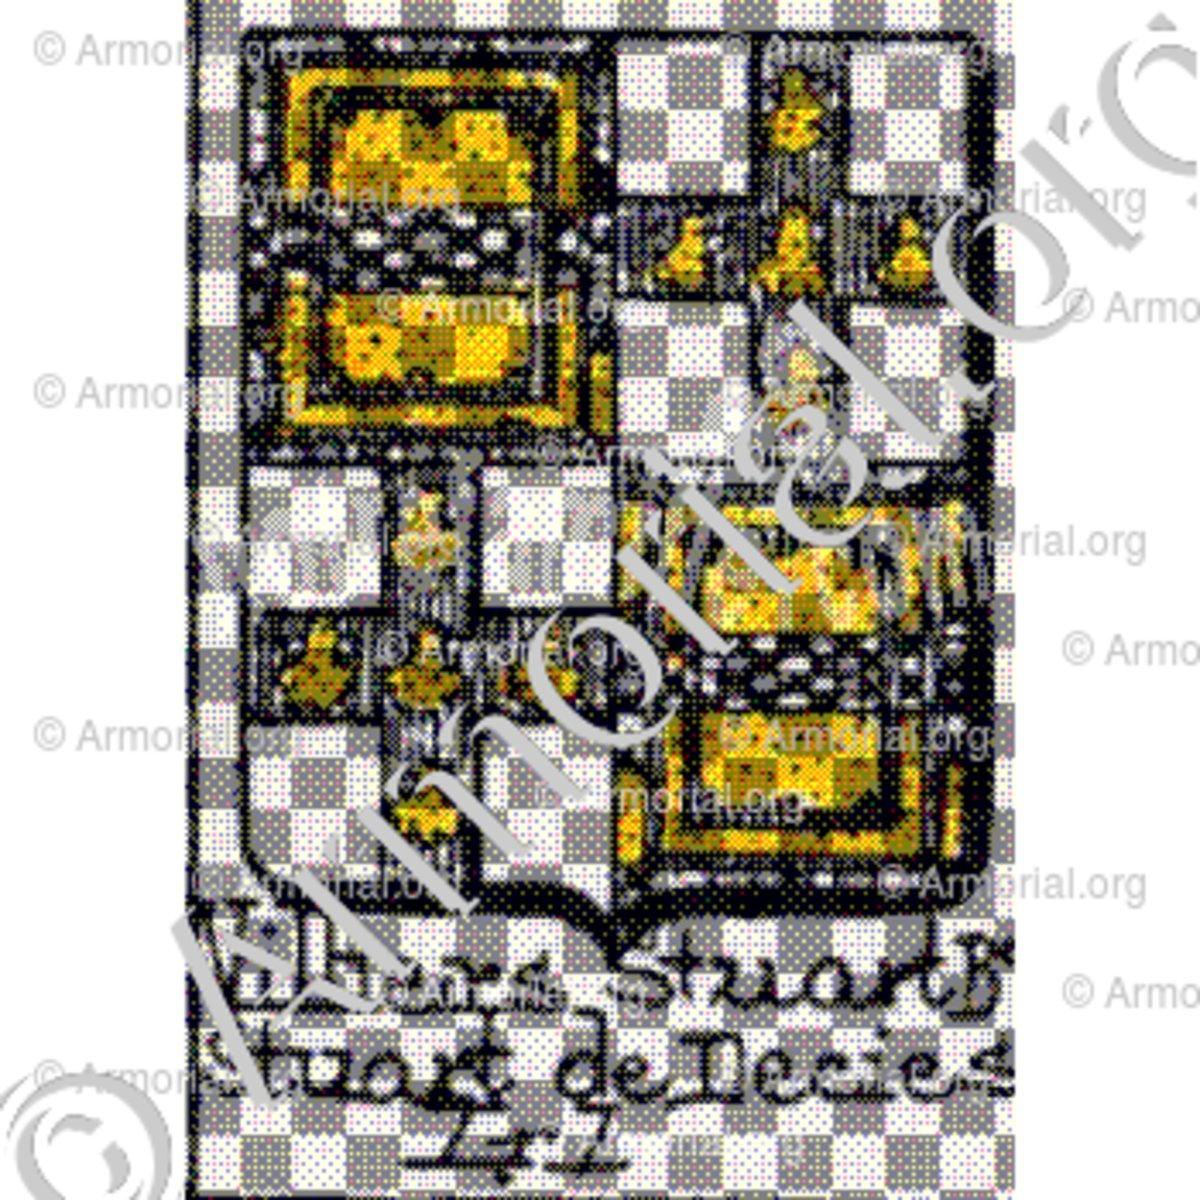 villiers stuart b stuart de decies armoiries blason etymologie et origine nom de famille. Black Bedroom Furniture Sets. Home Design Ideas